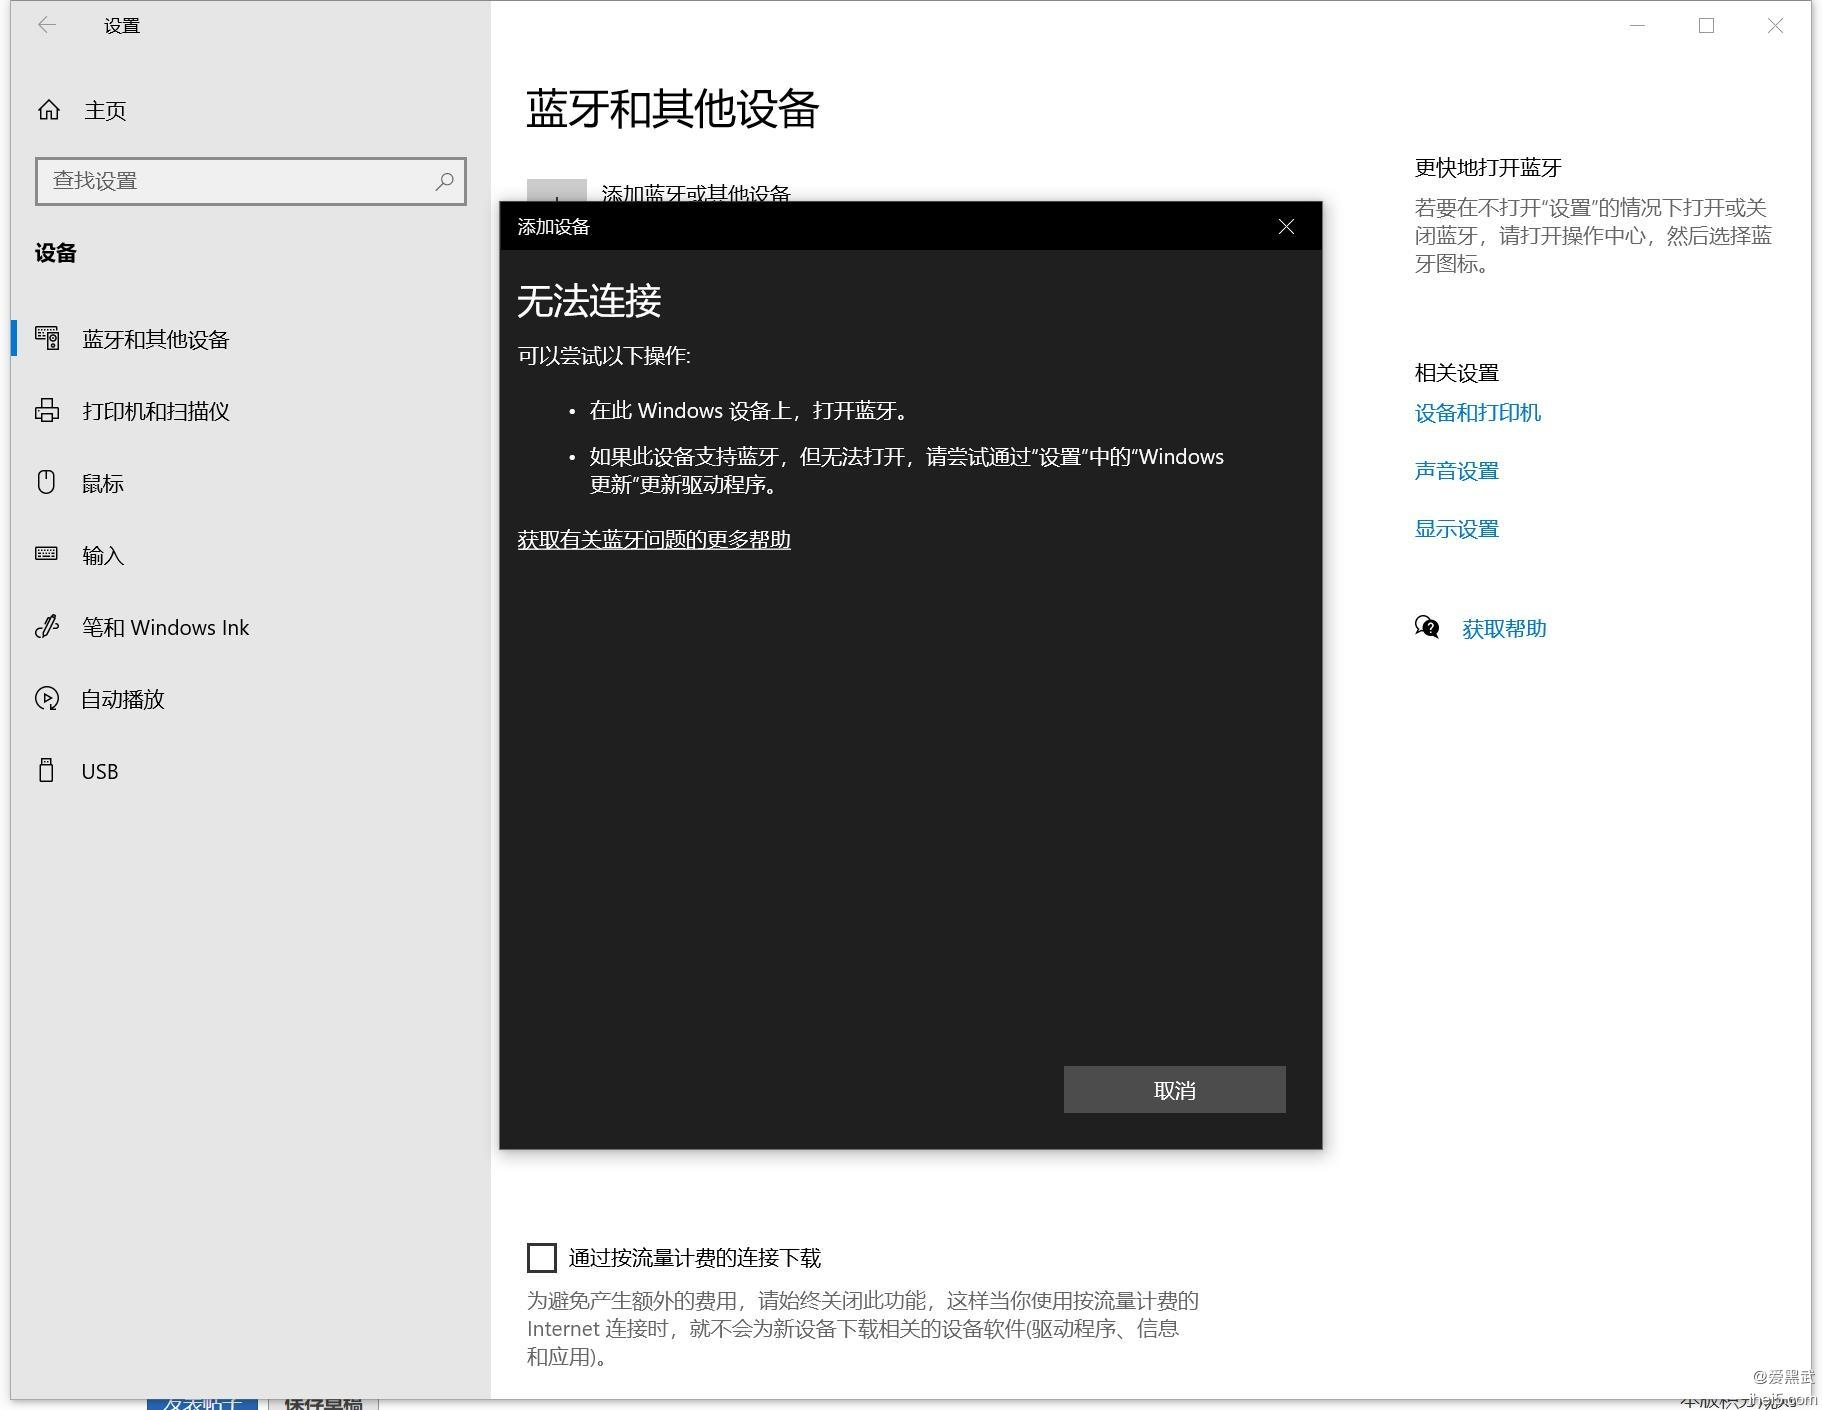 AMD R7 Pro 4750G MSI MAG-B550M-MORTAR-WIFI蓝牙找不到了.jpg